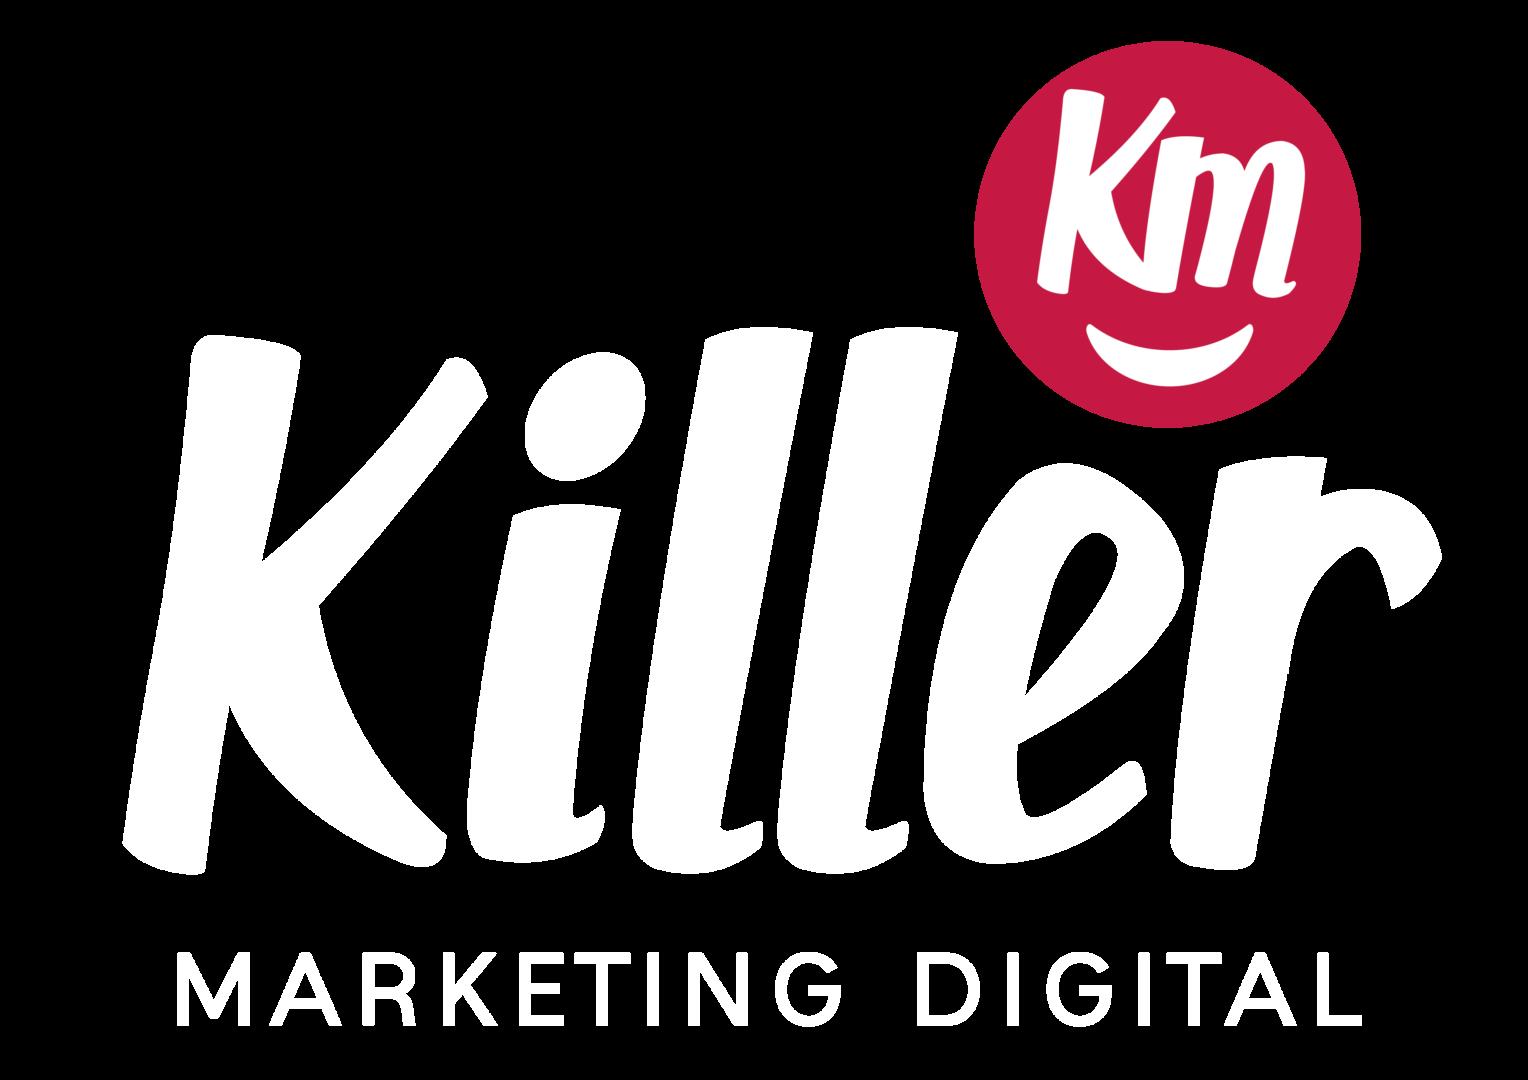 Killer Marketing